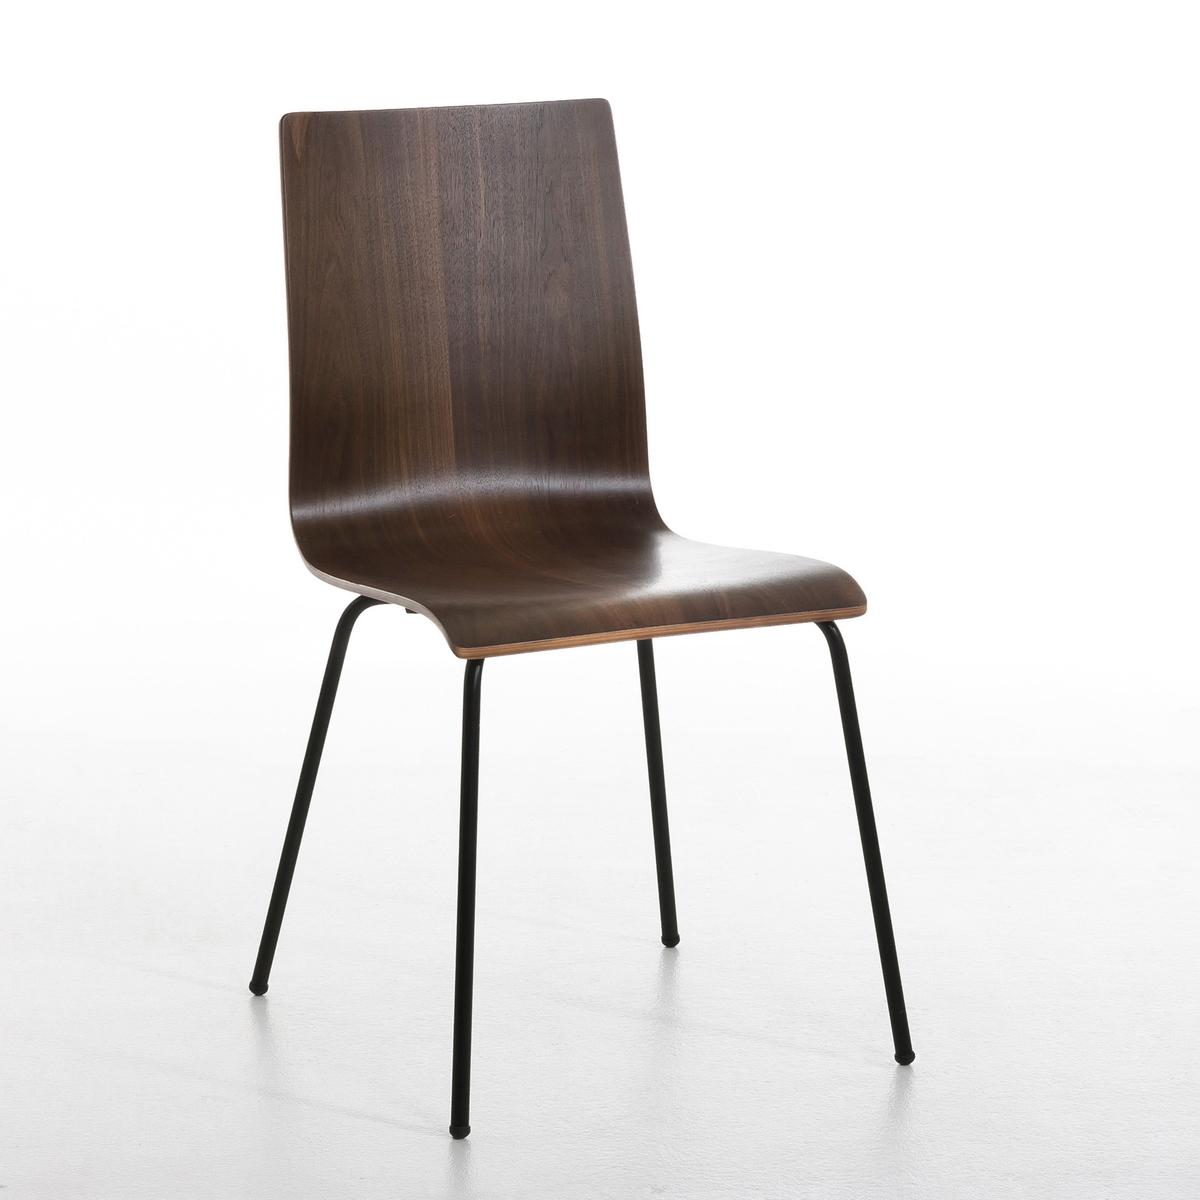 2 стула, BimatХарактеристики:- Однокорпусный из шпона орехового дерева. - Металлические ножки с черным эпоксидным покрытием. Размеры: - 48 x 86 x 52 см. - Сидение: 40 x 46 x 40 см.<br><br>Цвет: ореховый